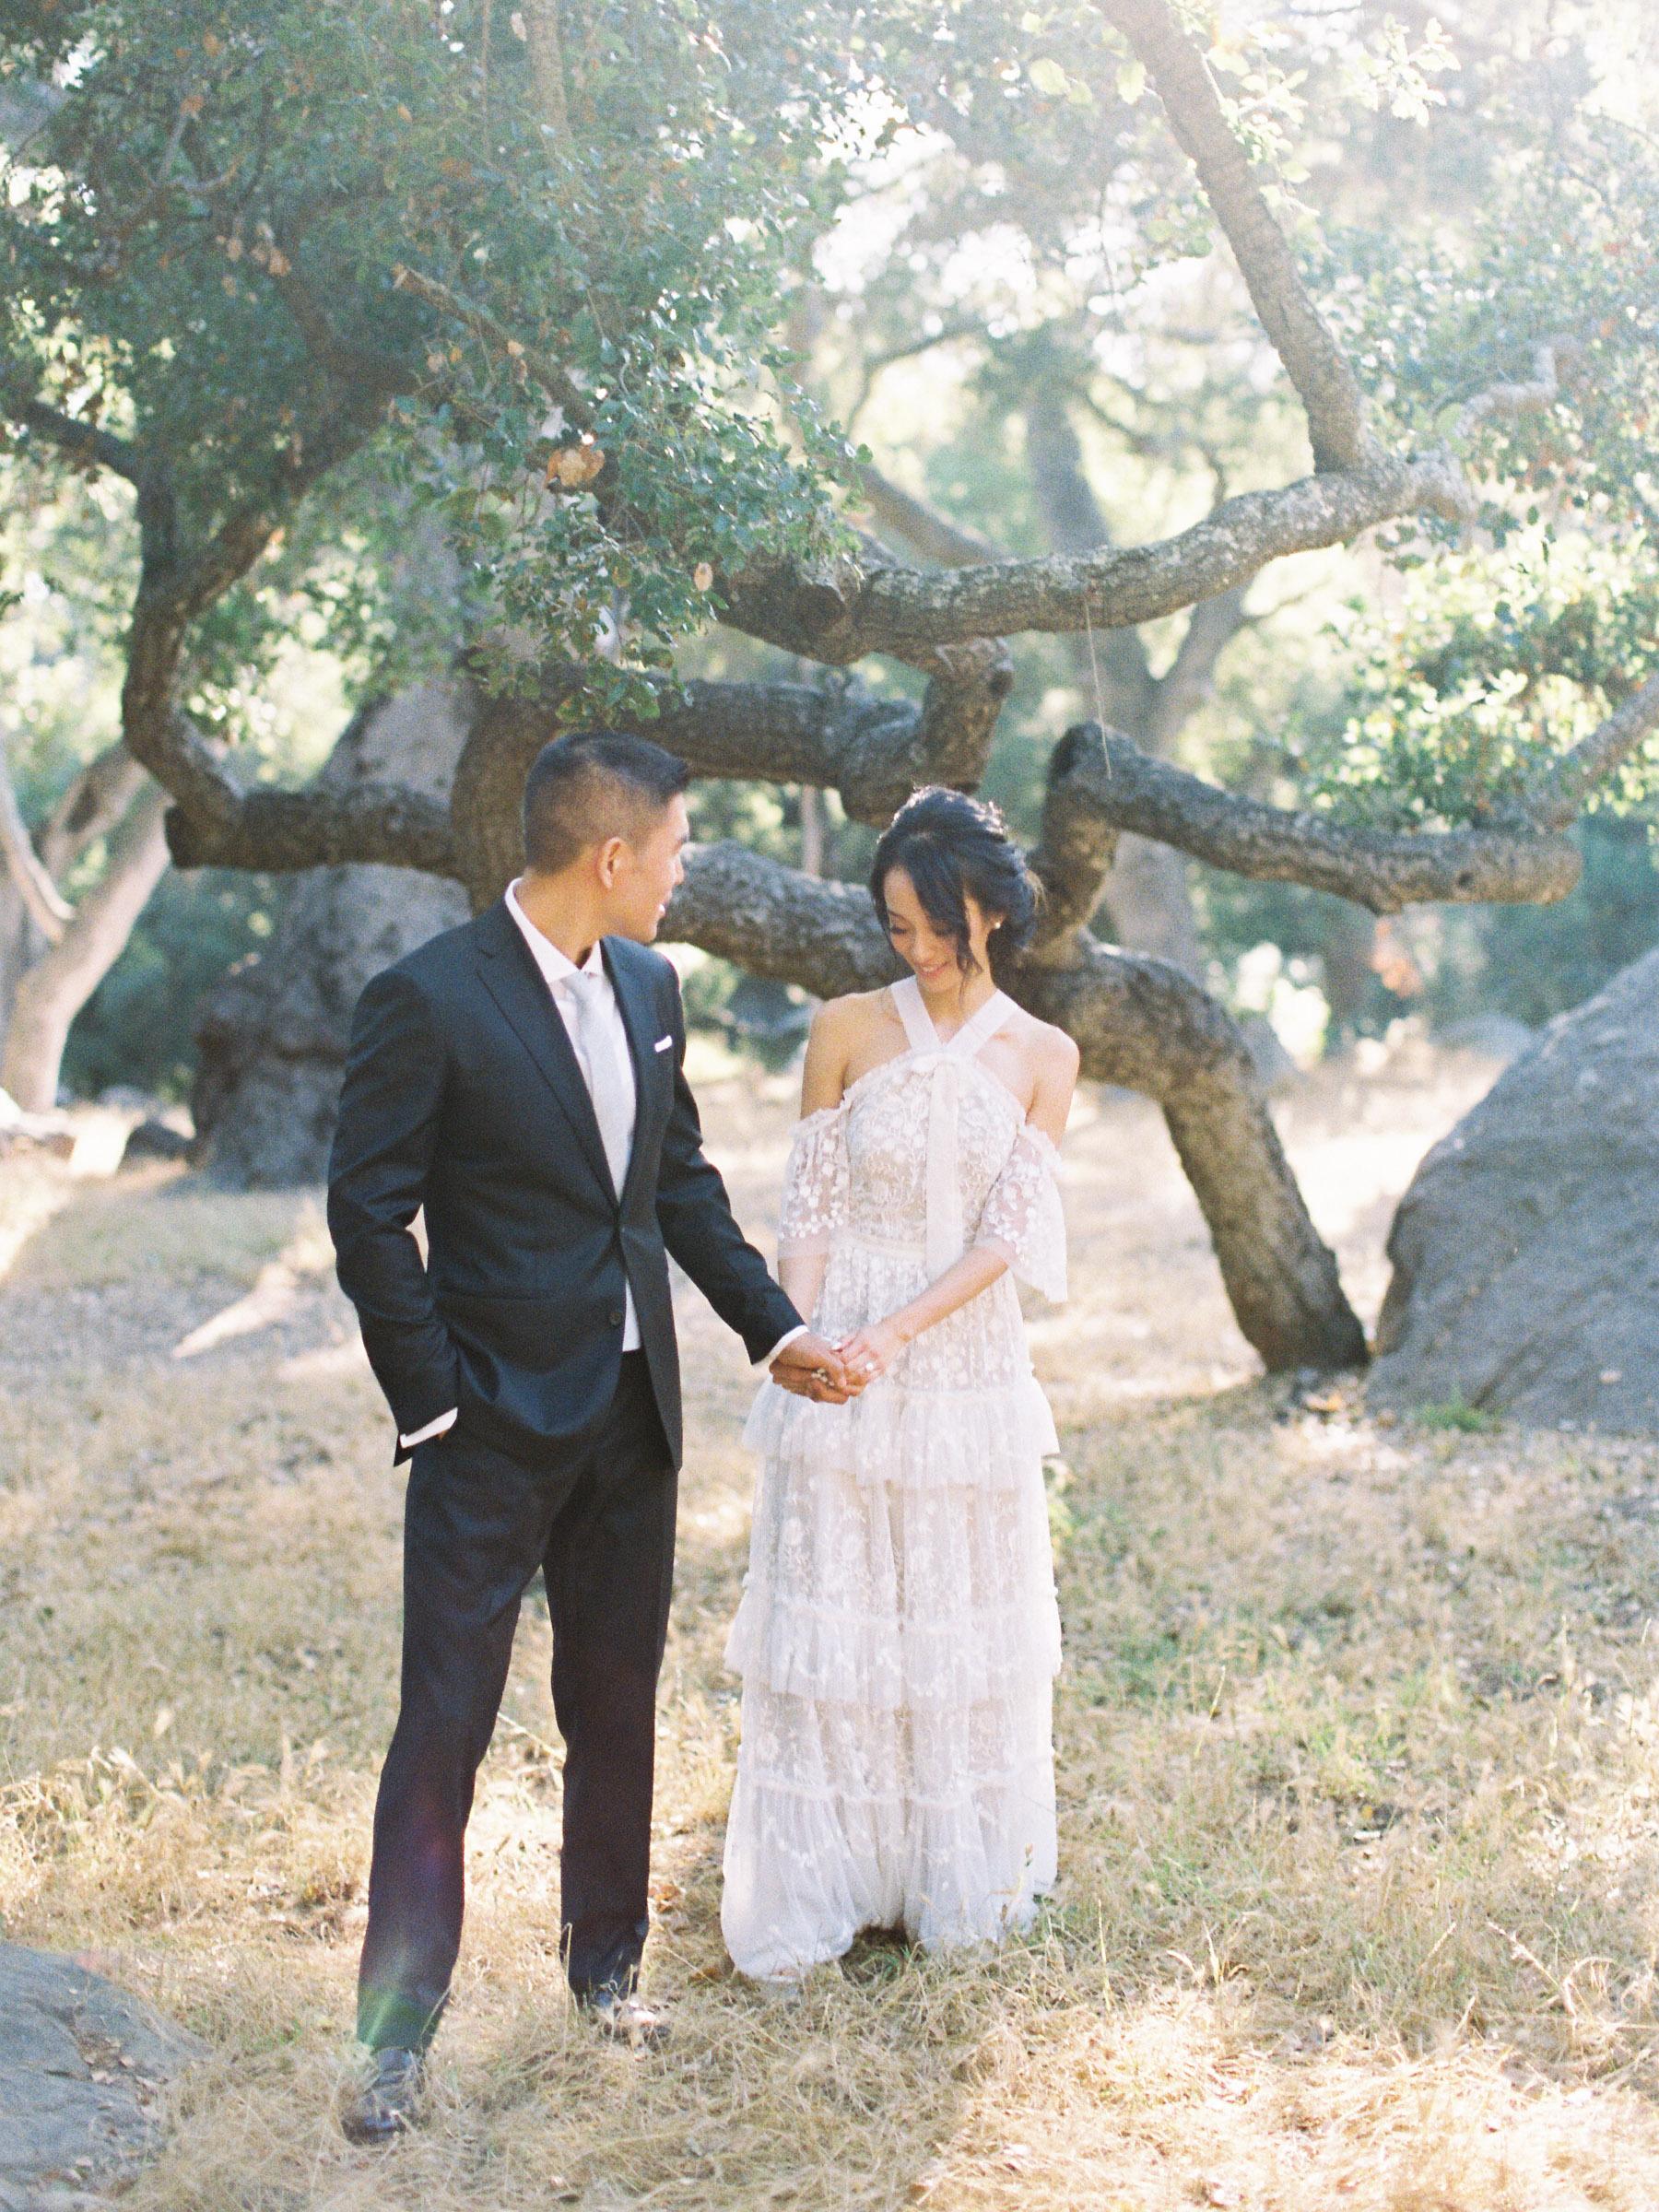 Santa-Barbara-Engagement-90-Jen-Huang-009945-R1-013.jpg